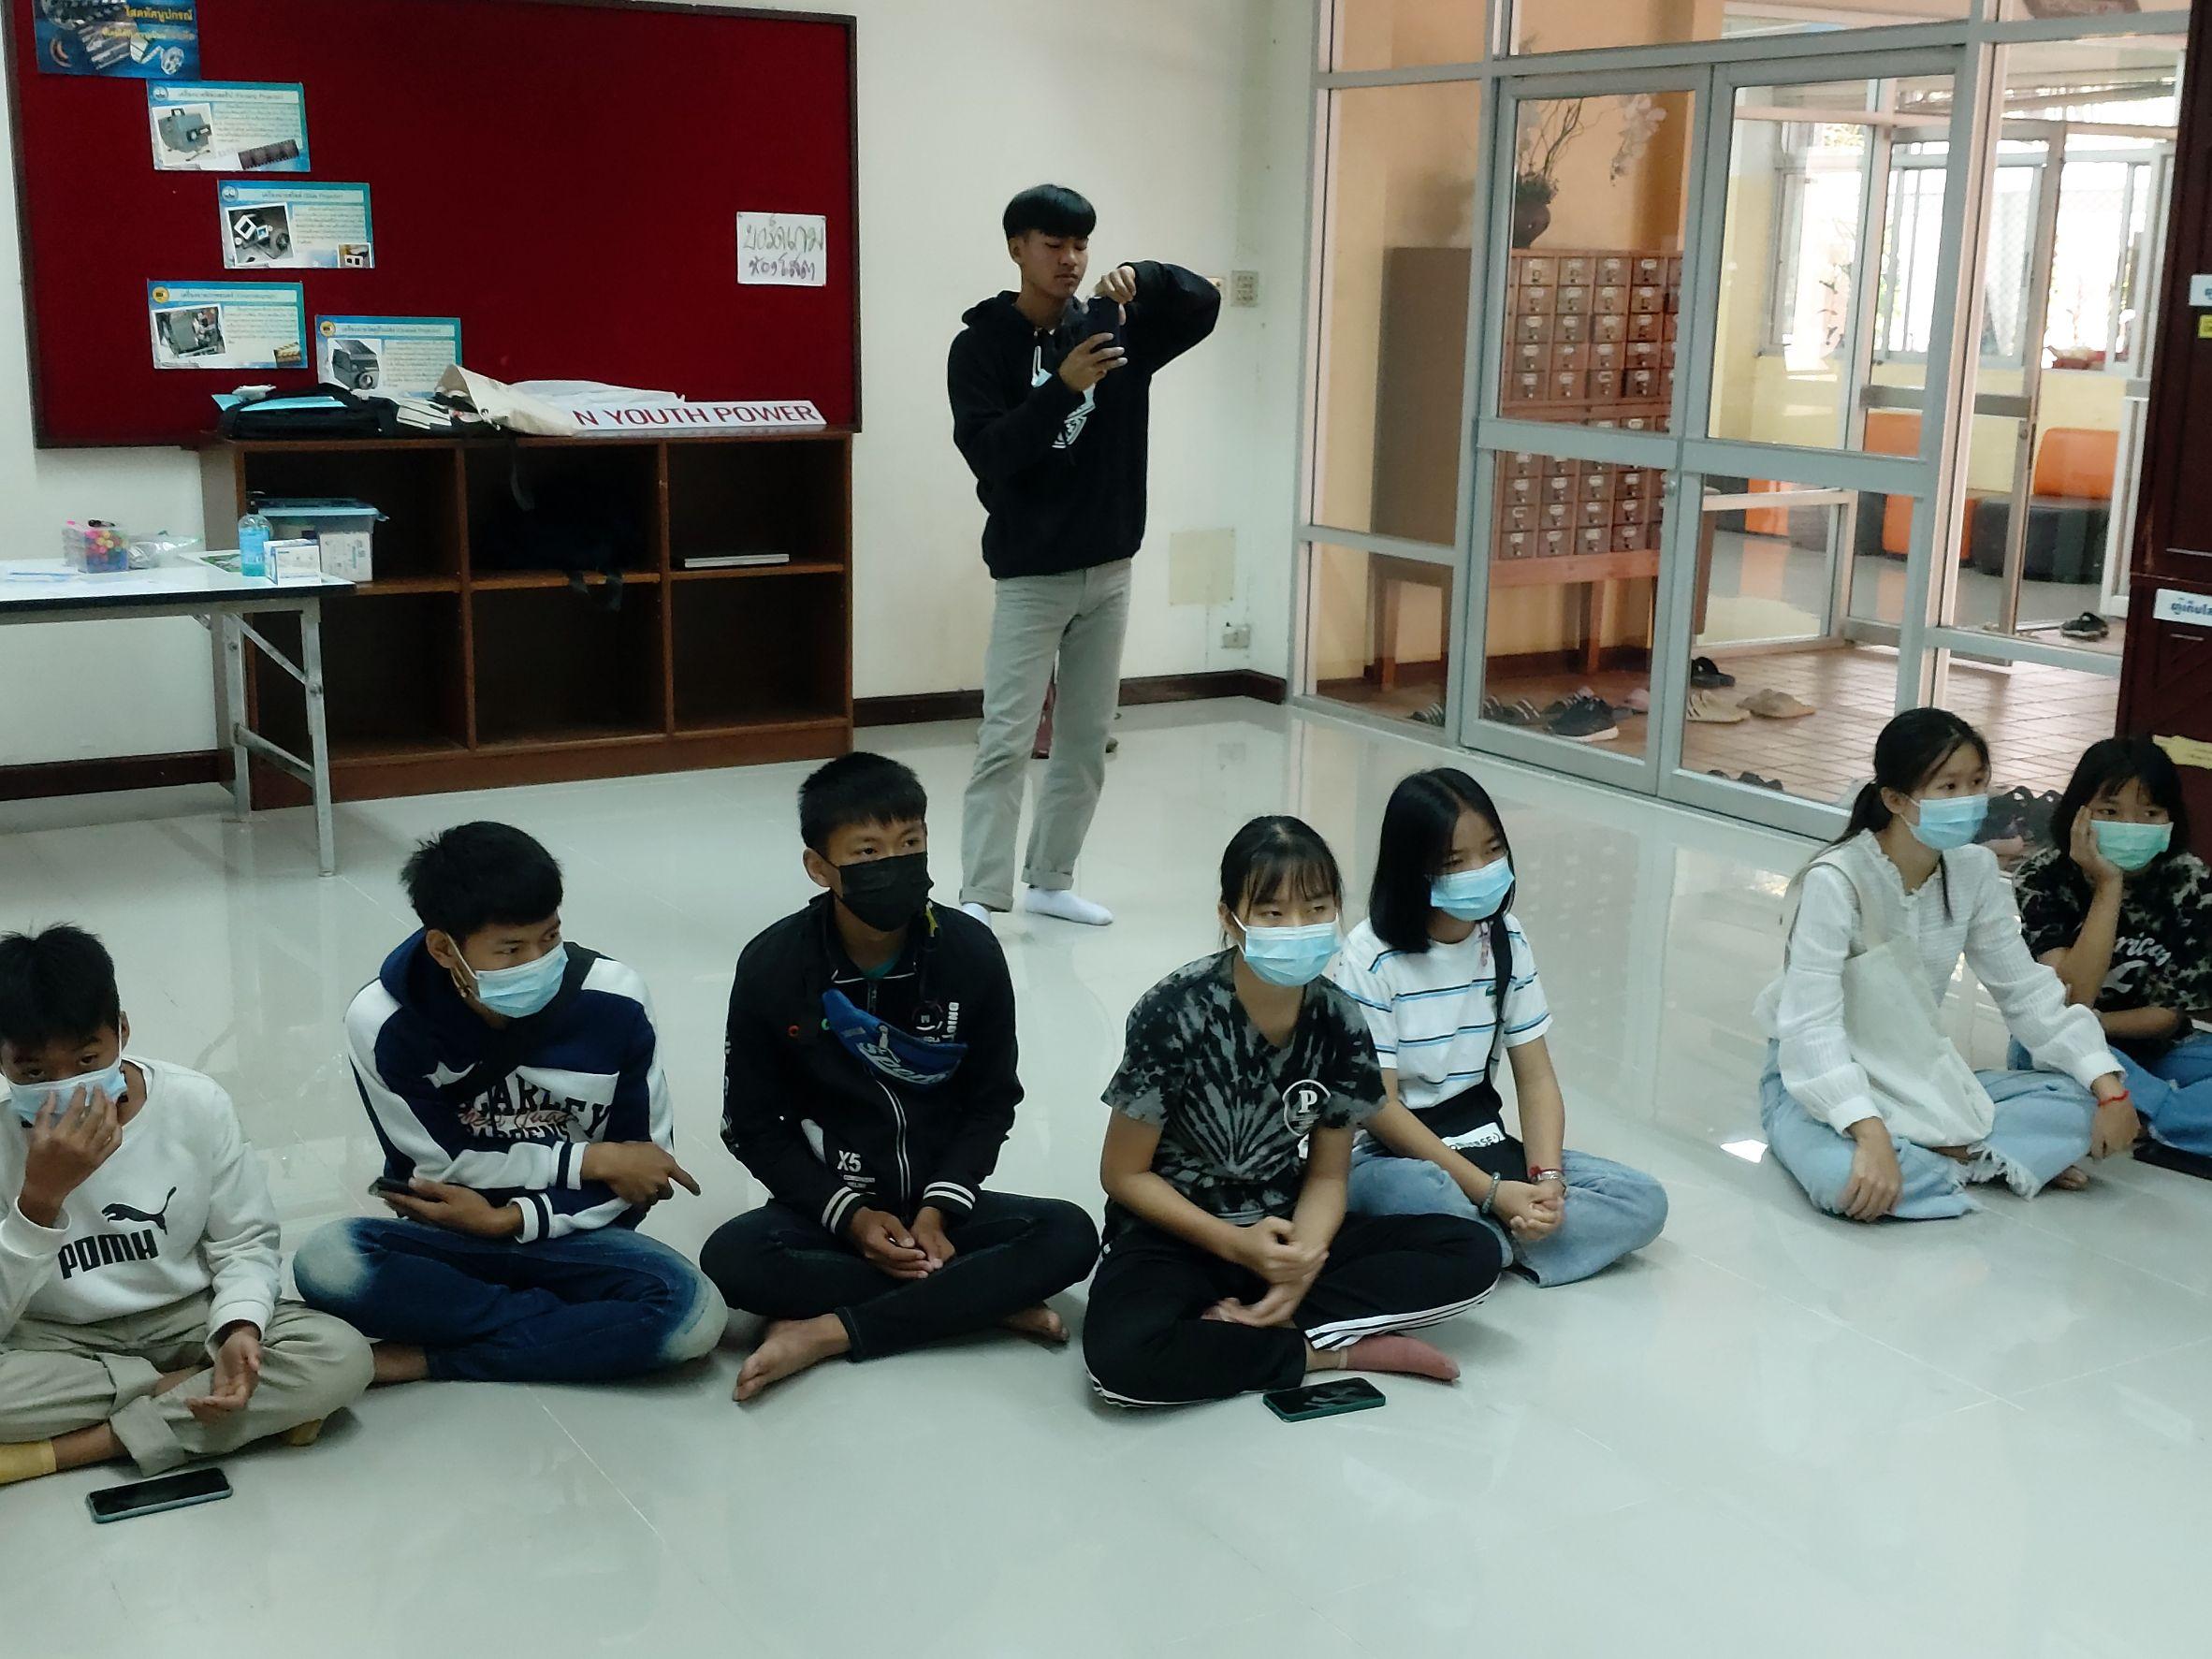 Shan Youth Power ร่วมกับหอสมุดแห่งชาติรัชมังคลาภิเษก เชียงใหม่ จัดกิจกรรมประชุมนักเรียนชั้นประถมศึกษาปีที่ ๖ - มัธยมศึกษาปีที่ ๓